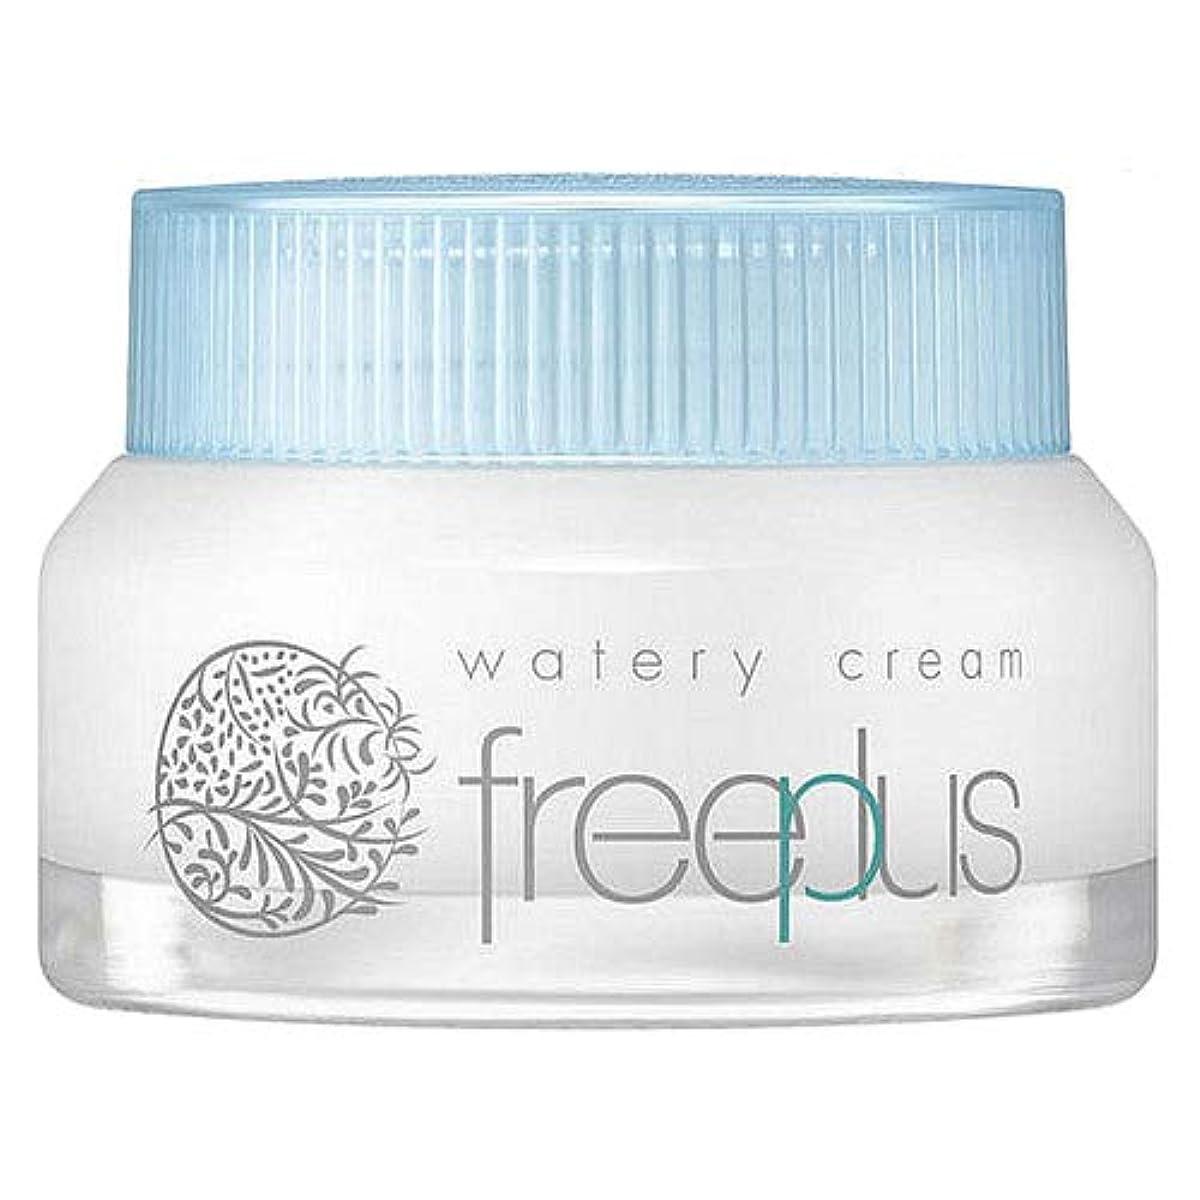 アピール膨らみ不適フリープラス FREEPLUS フリープラス ウォータリークリーム 50g [並行輸入品]